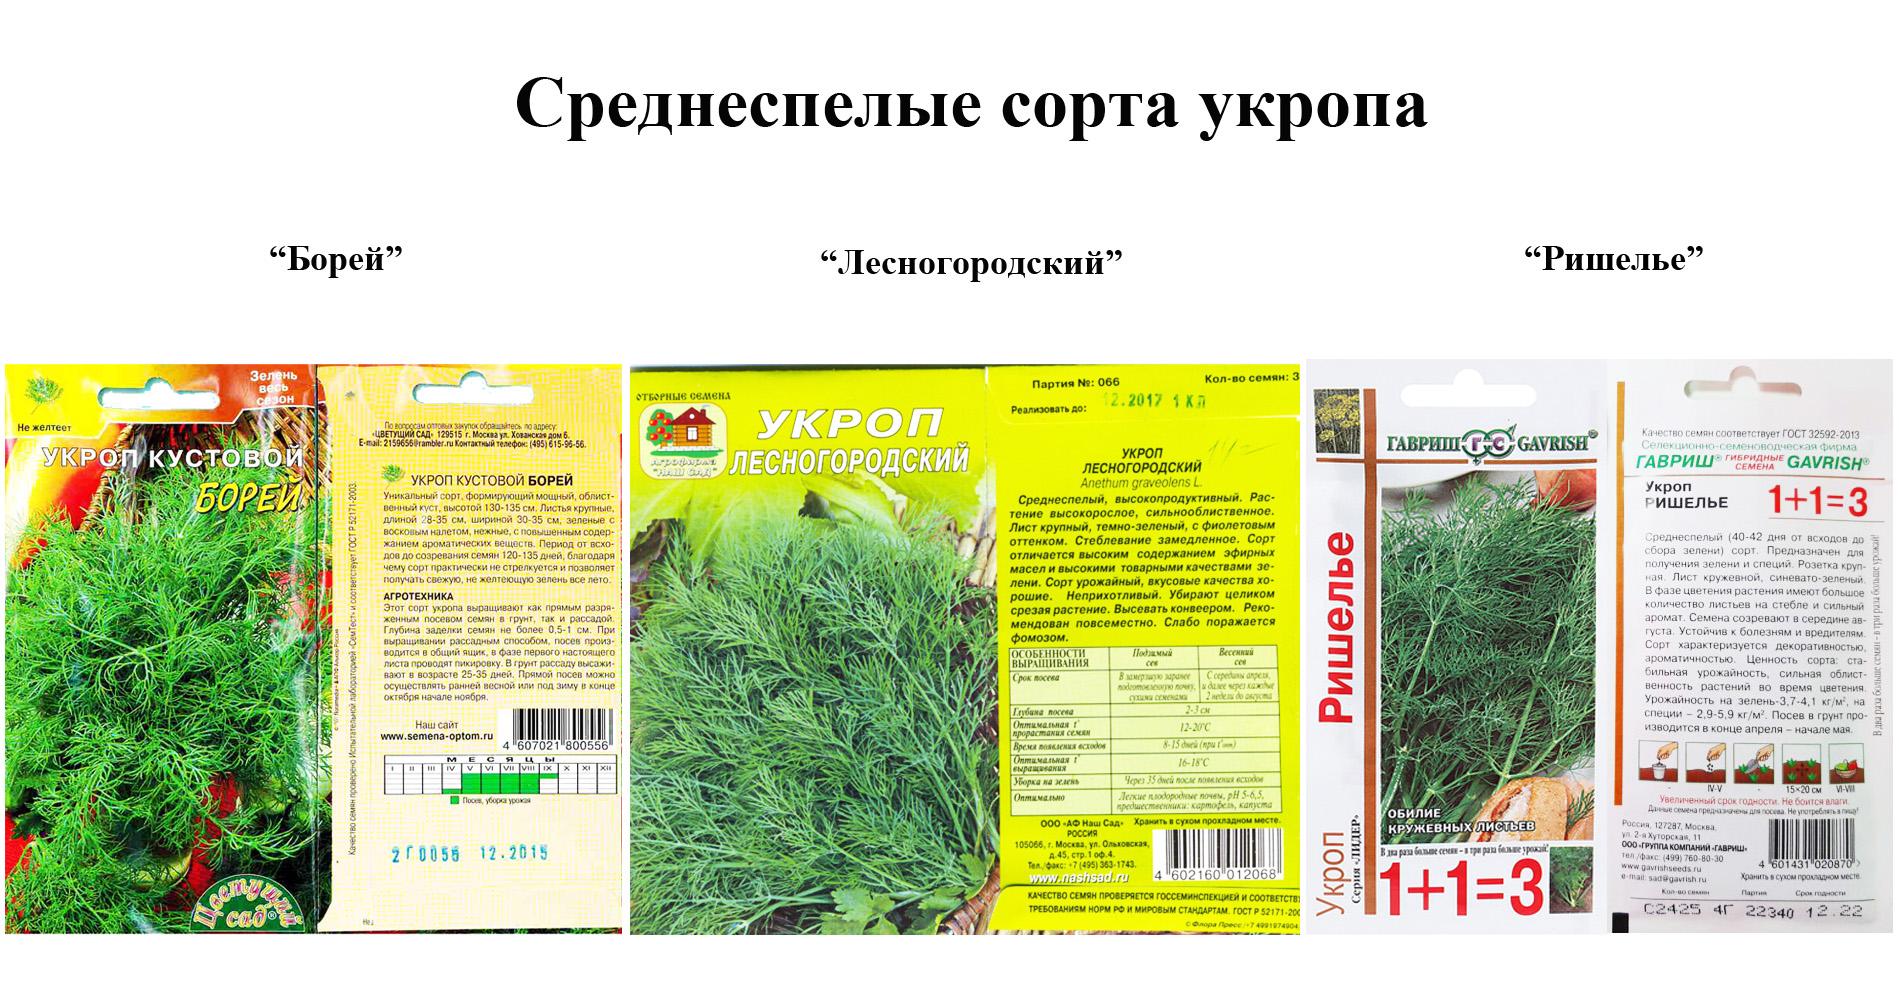 Укроп грибовский описание